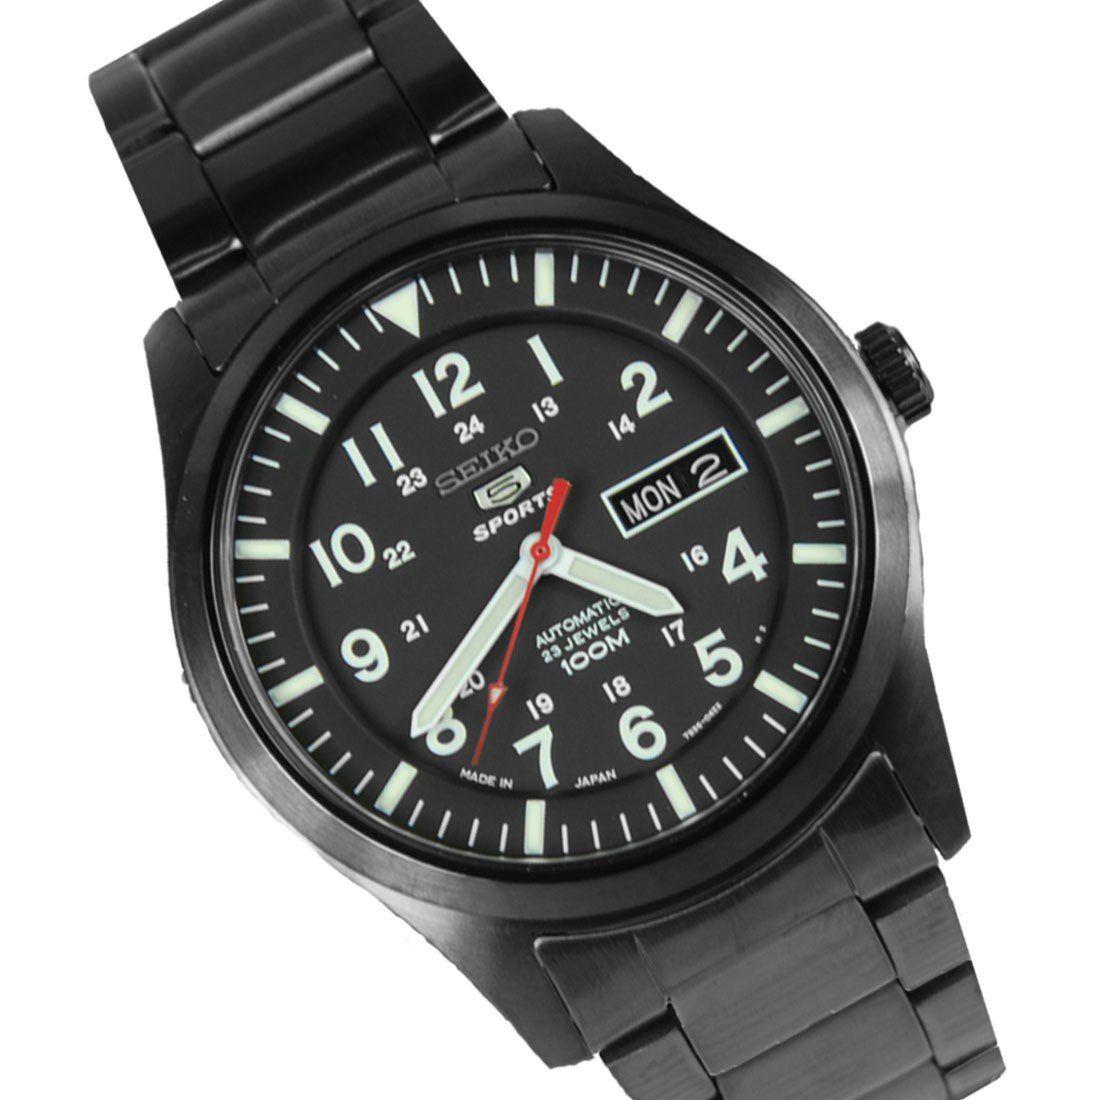 Đồng hồ Seiko SNZG17J1 dành cho nam giới 2